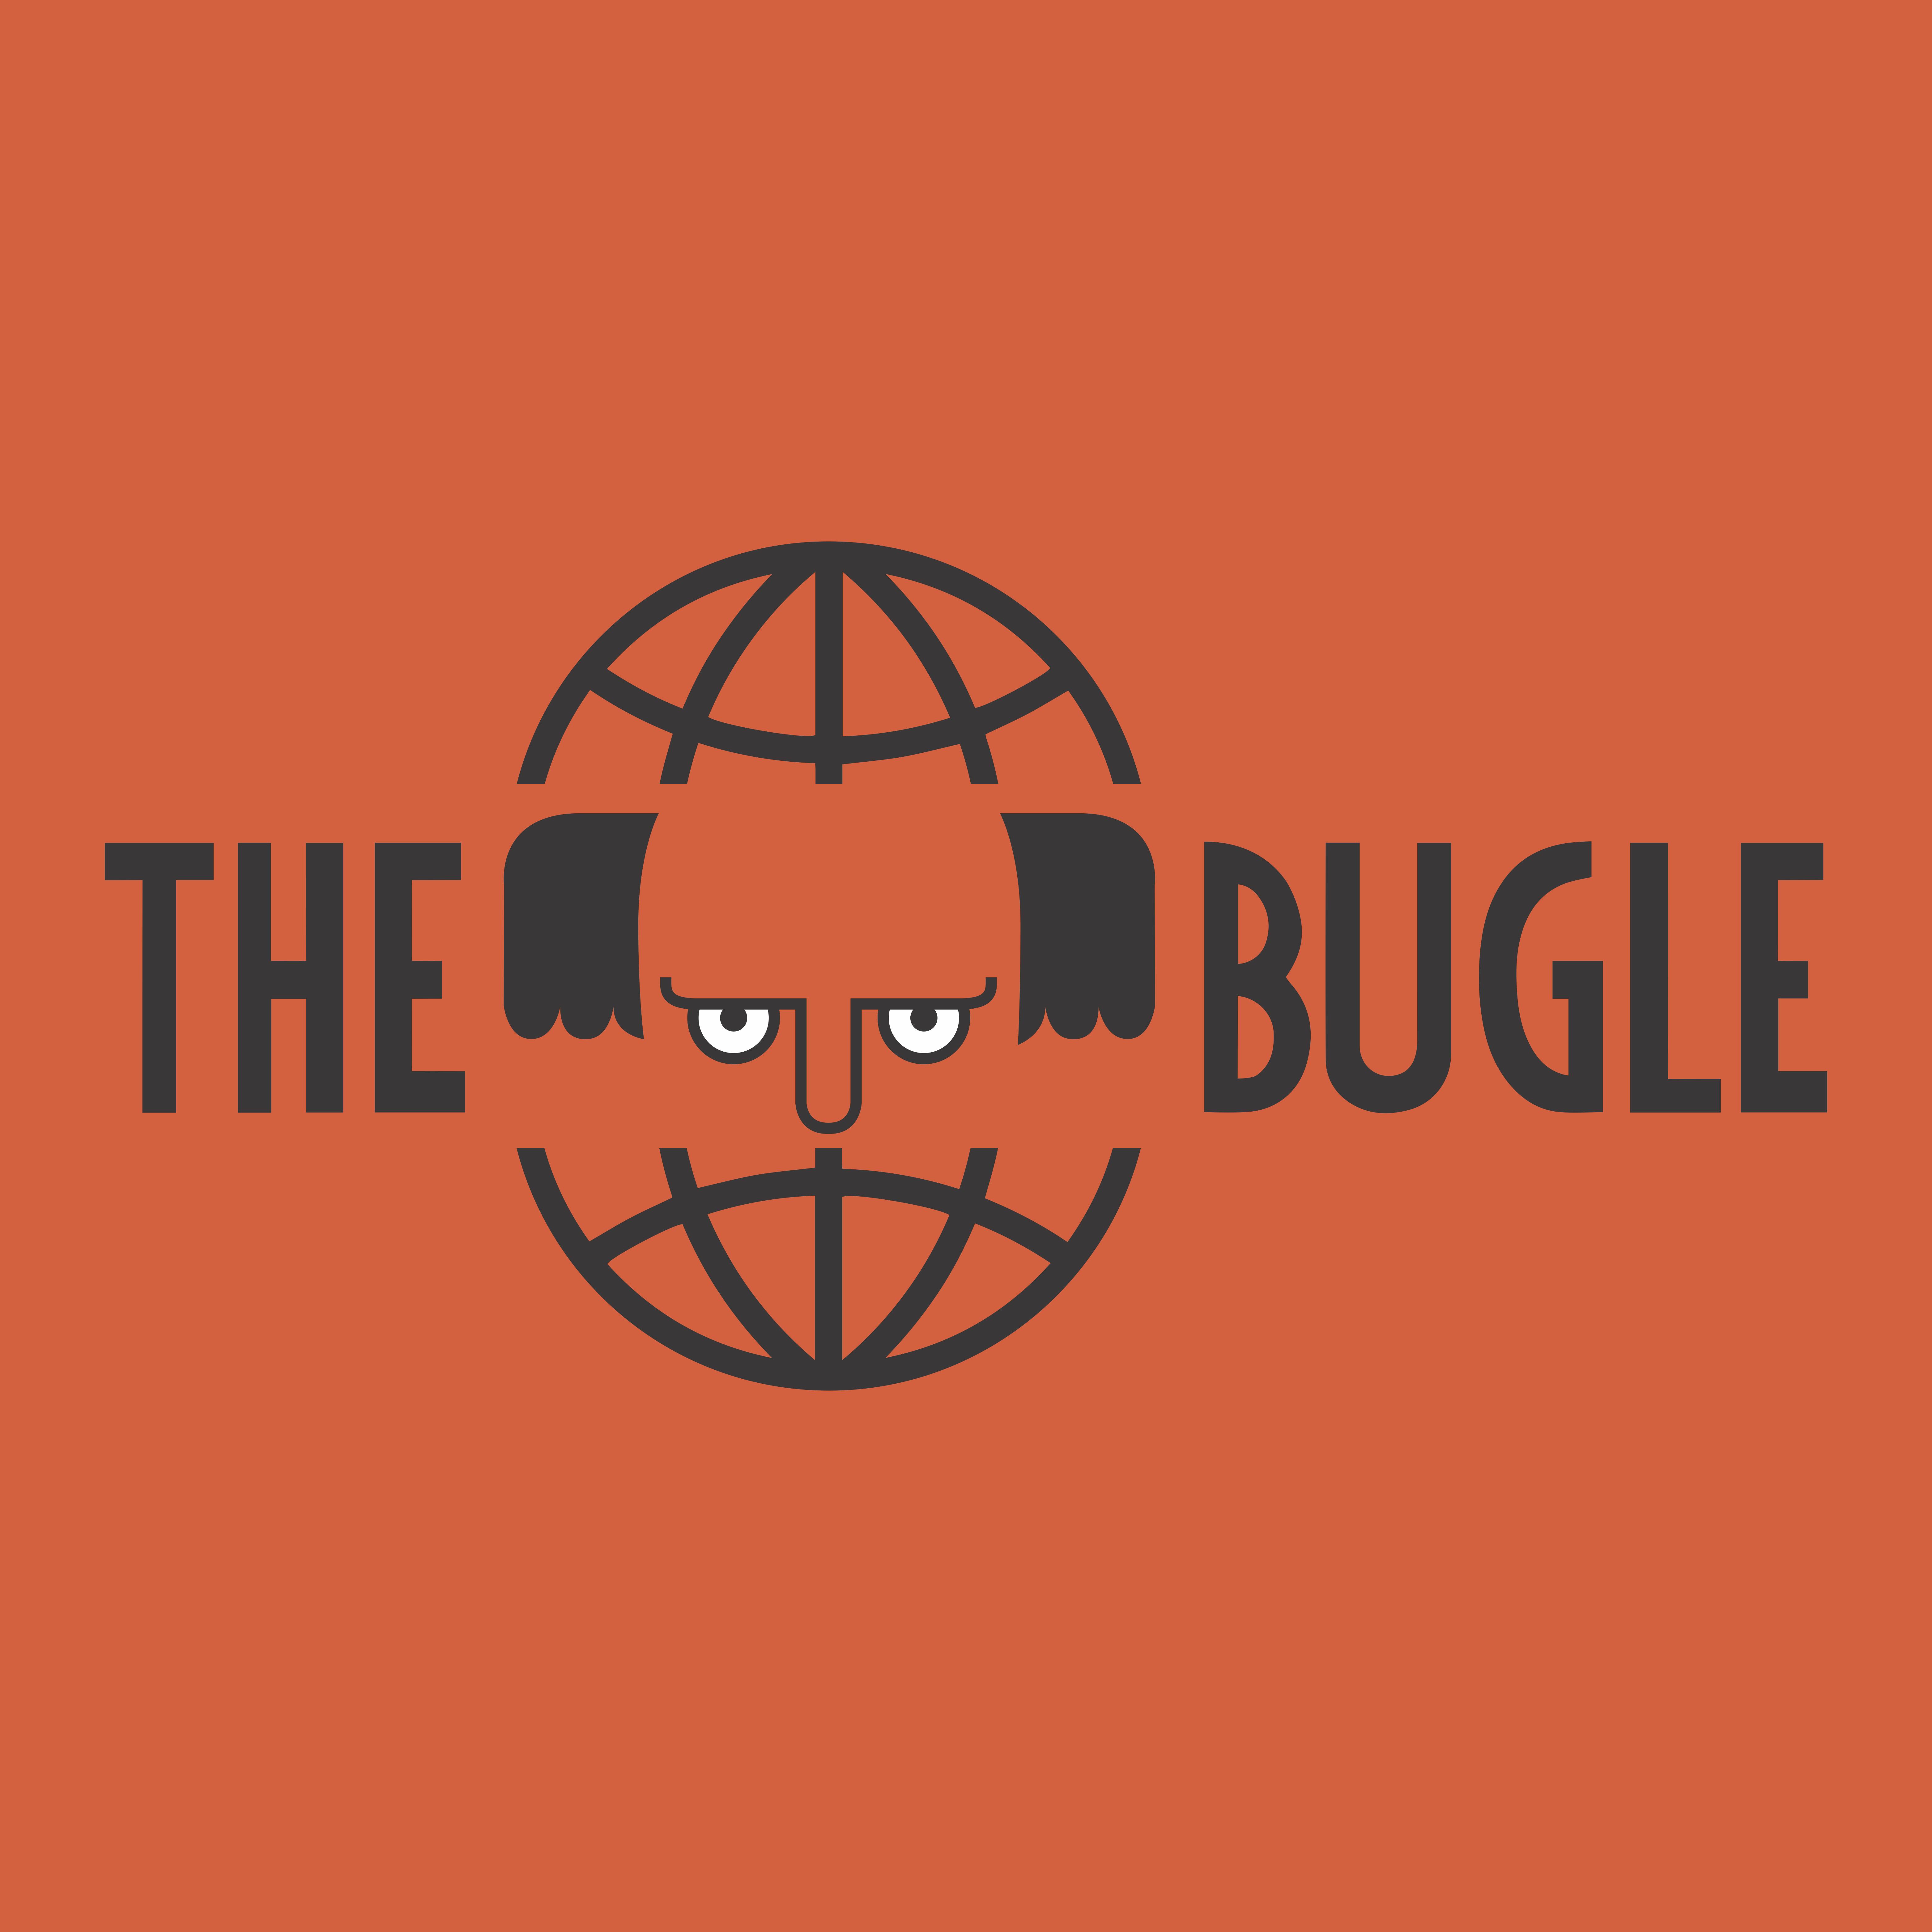 Entale - The Bugle